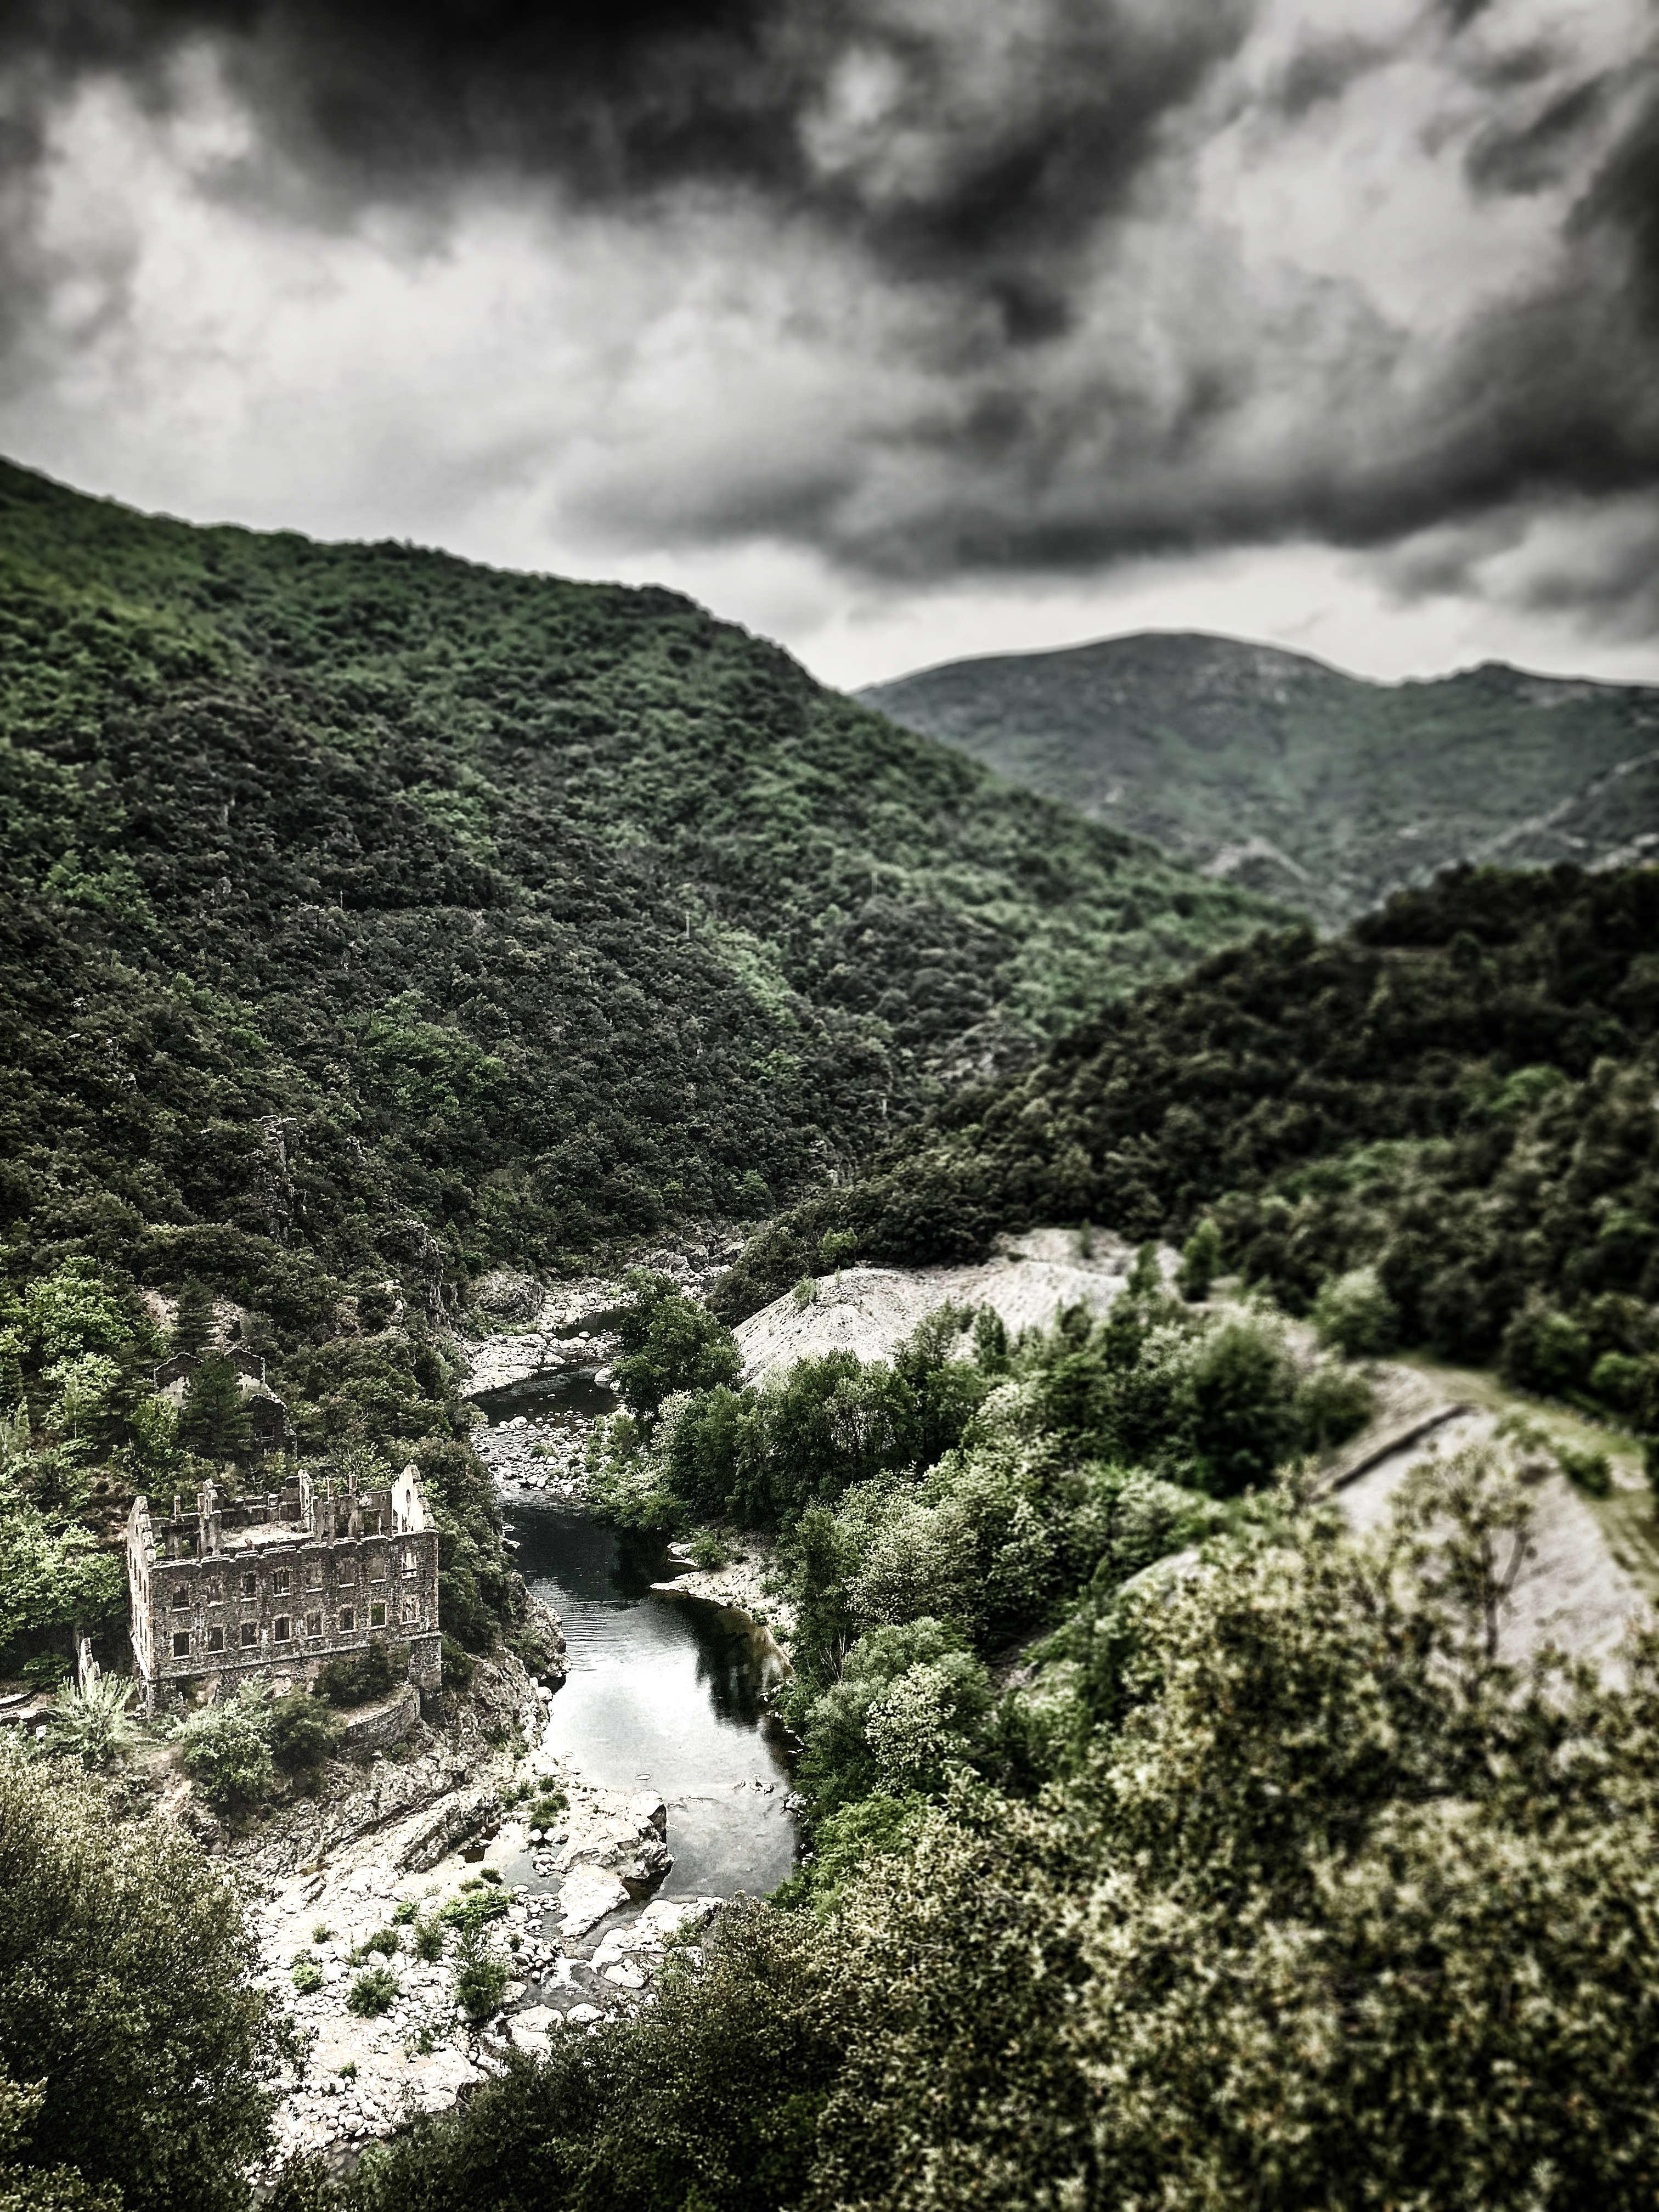 Die Ruine einer verlassenen Silbermine in der Schlucht des Chassezac, Cevennen, Frankreich